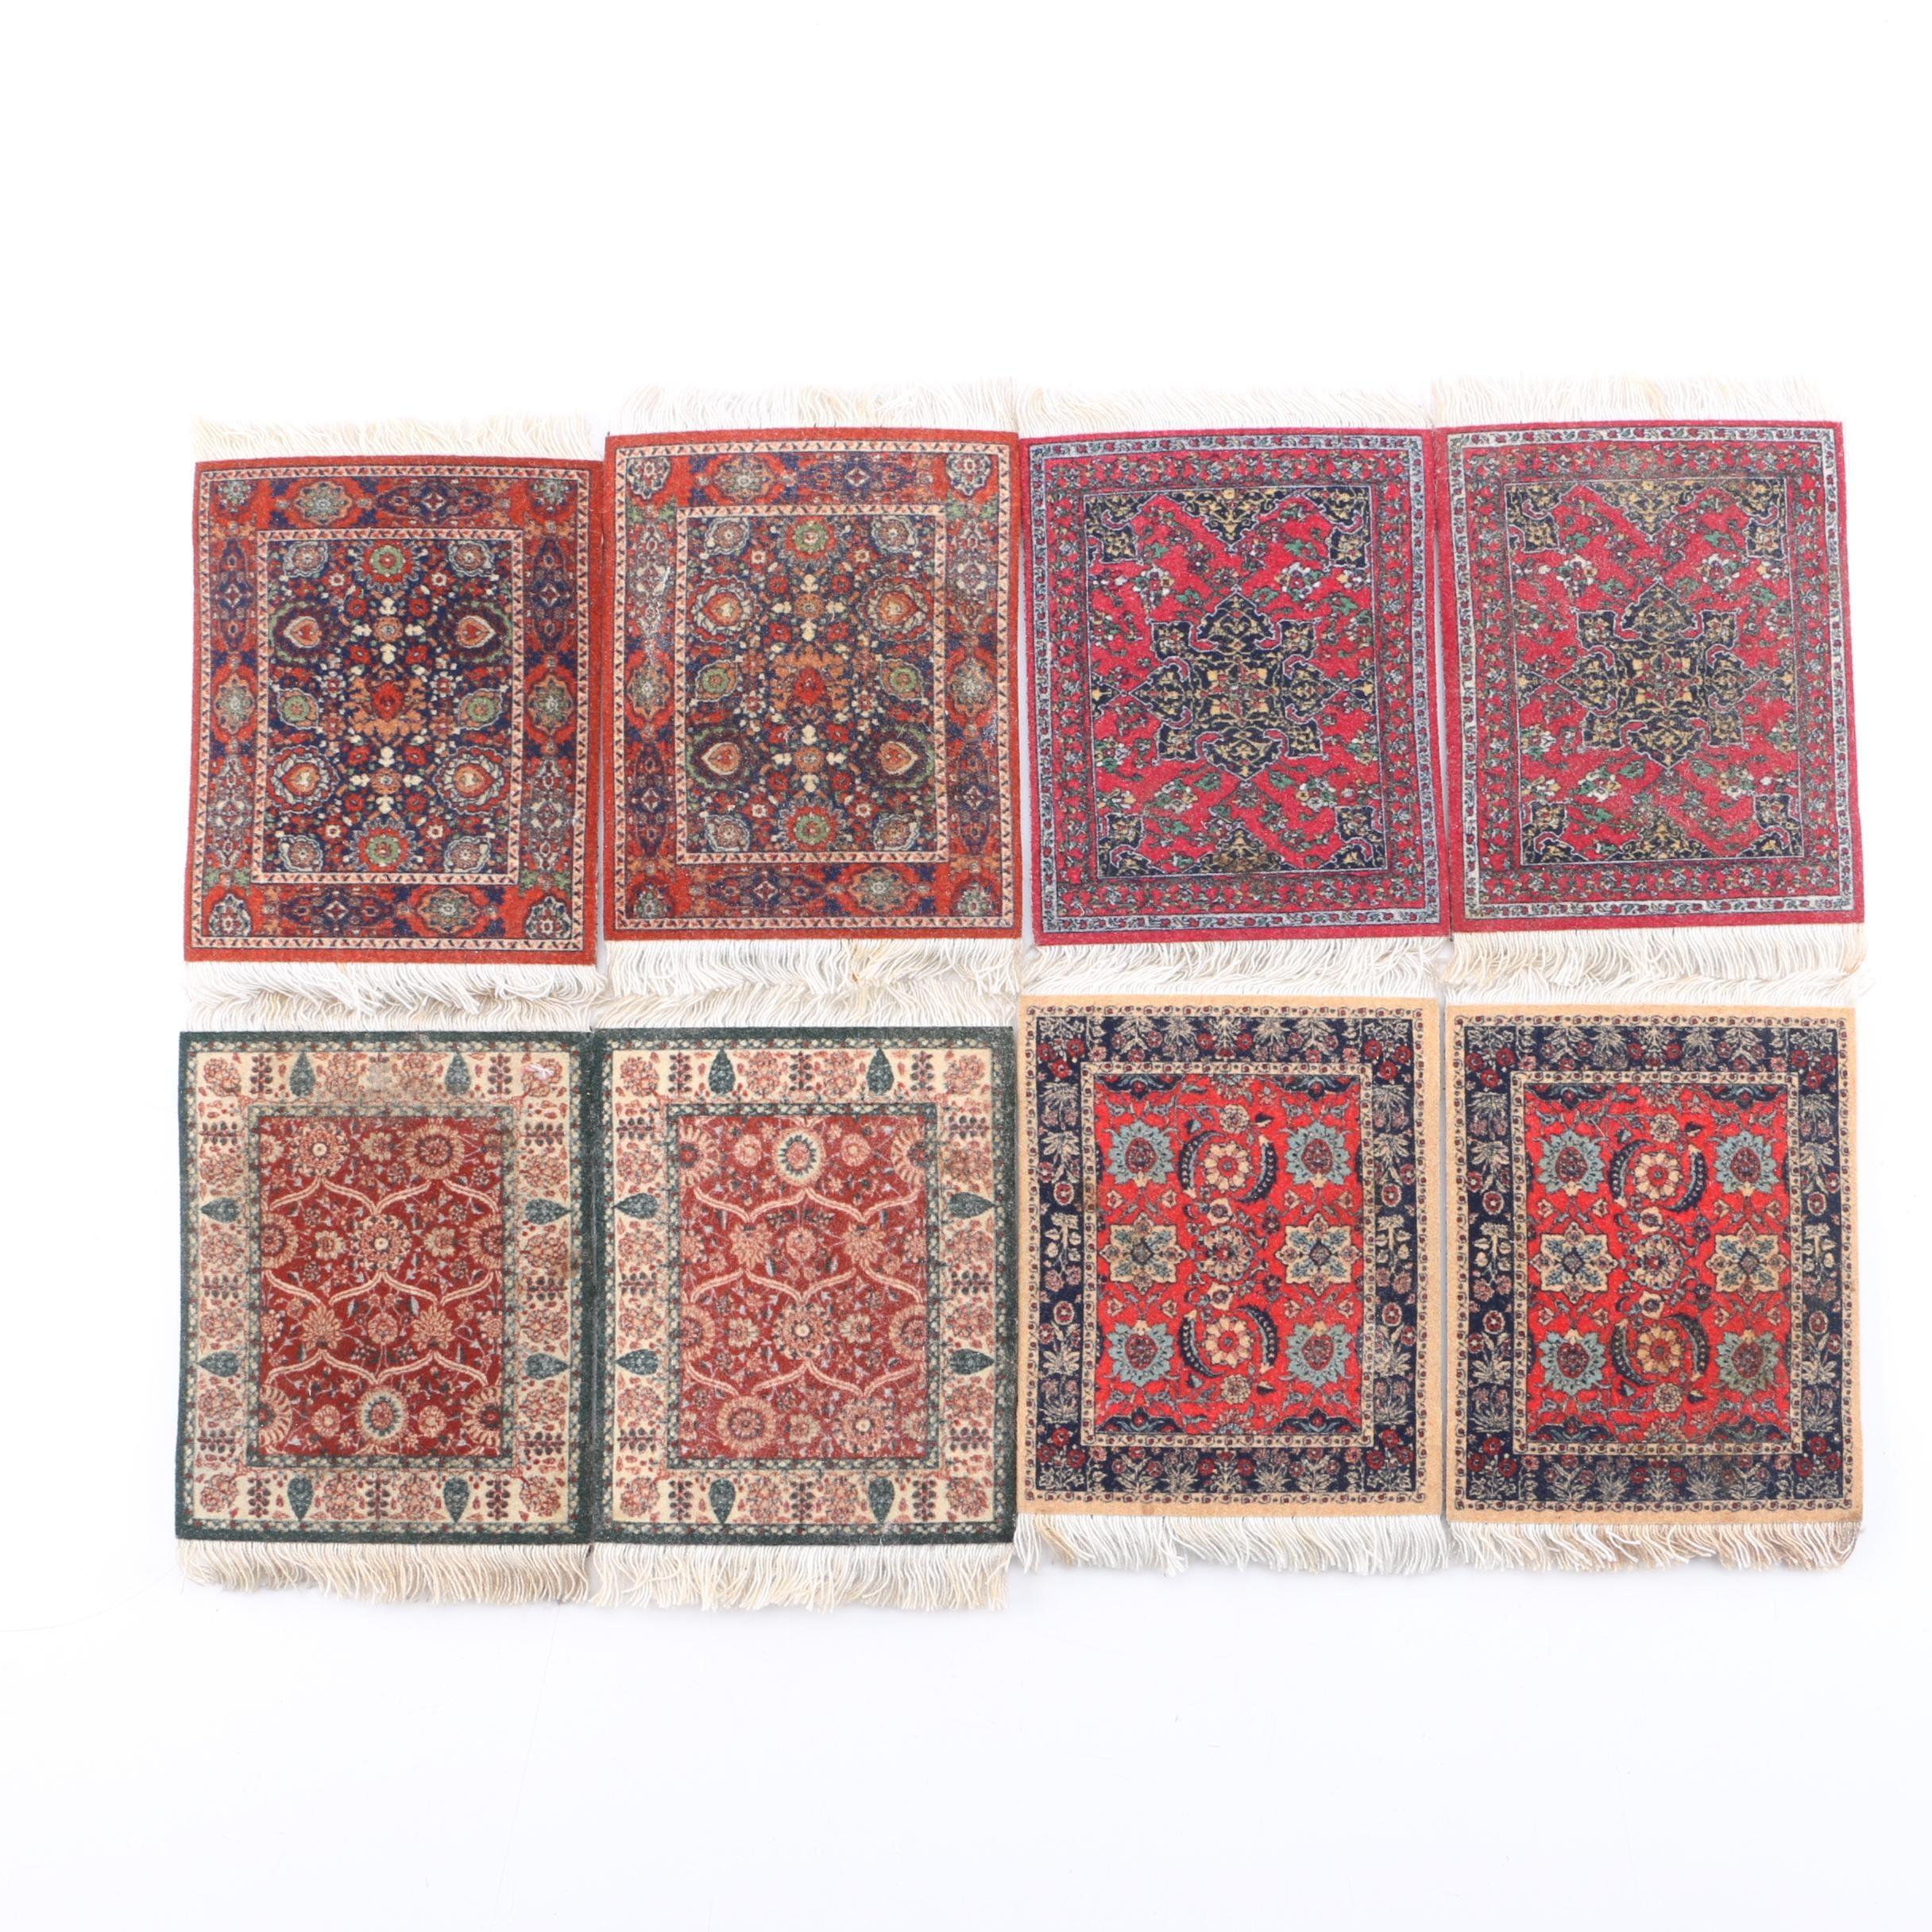 Set of Miniature Rug Coasters